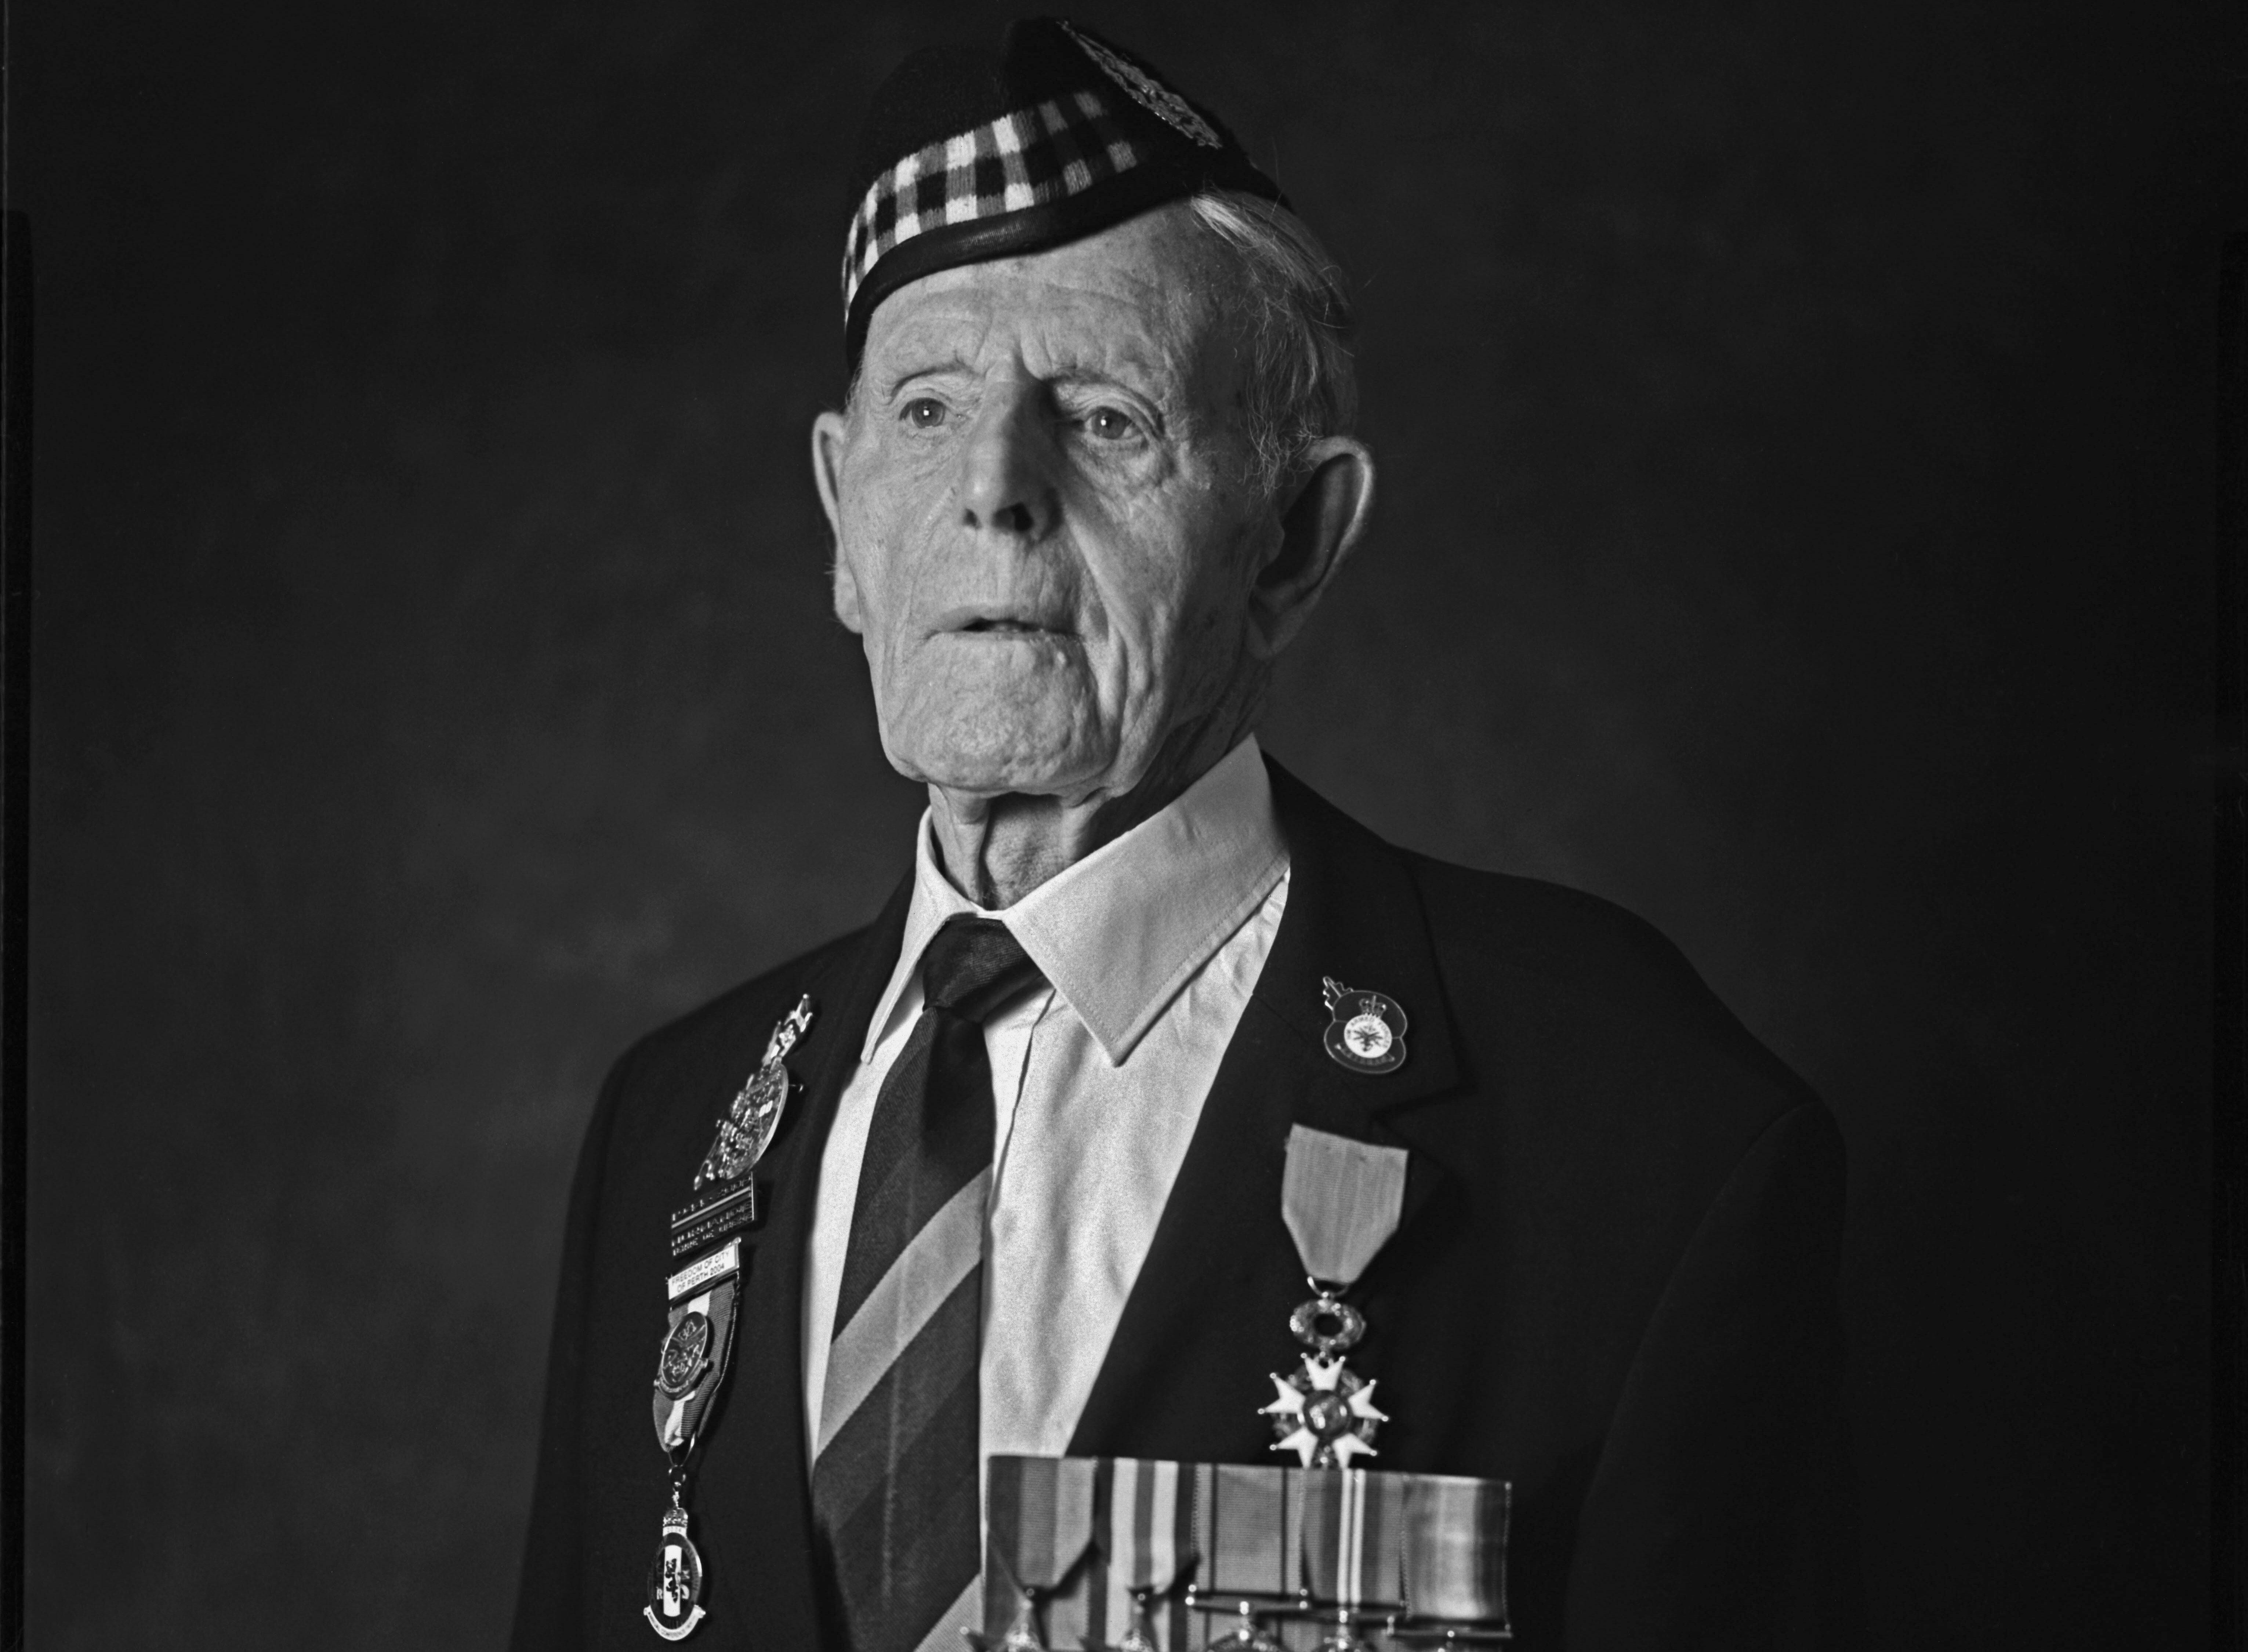 Jim Glennie who volunteers at the Gordon Highlanders Museum